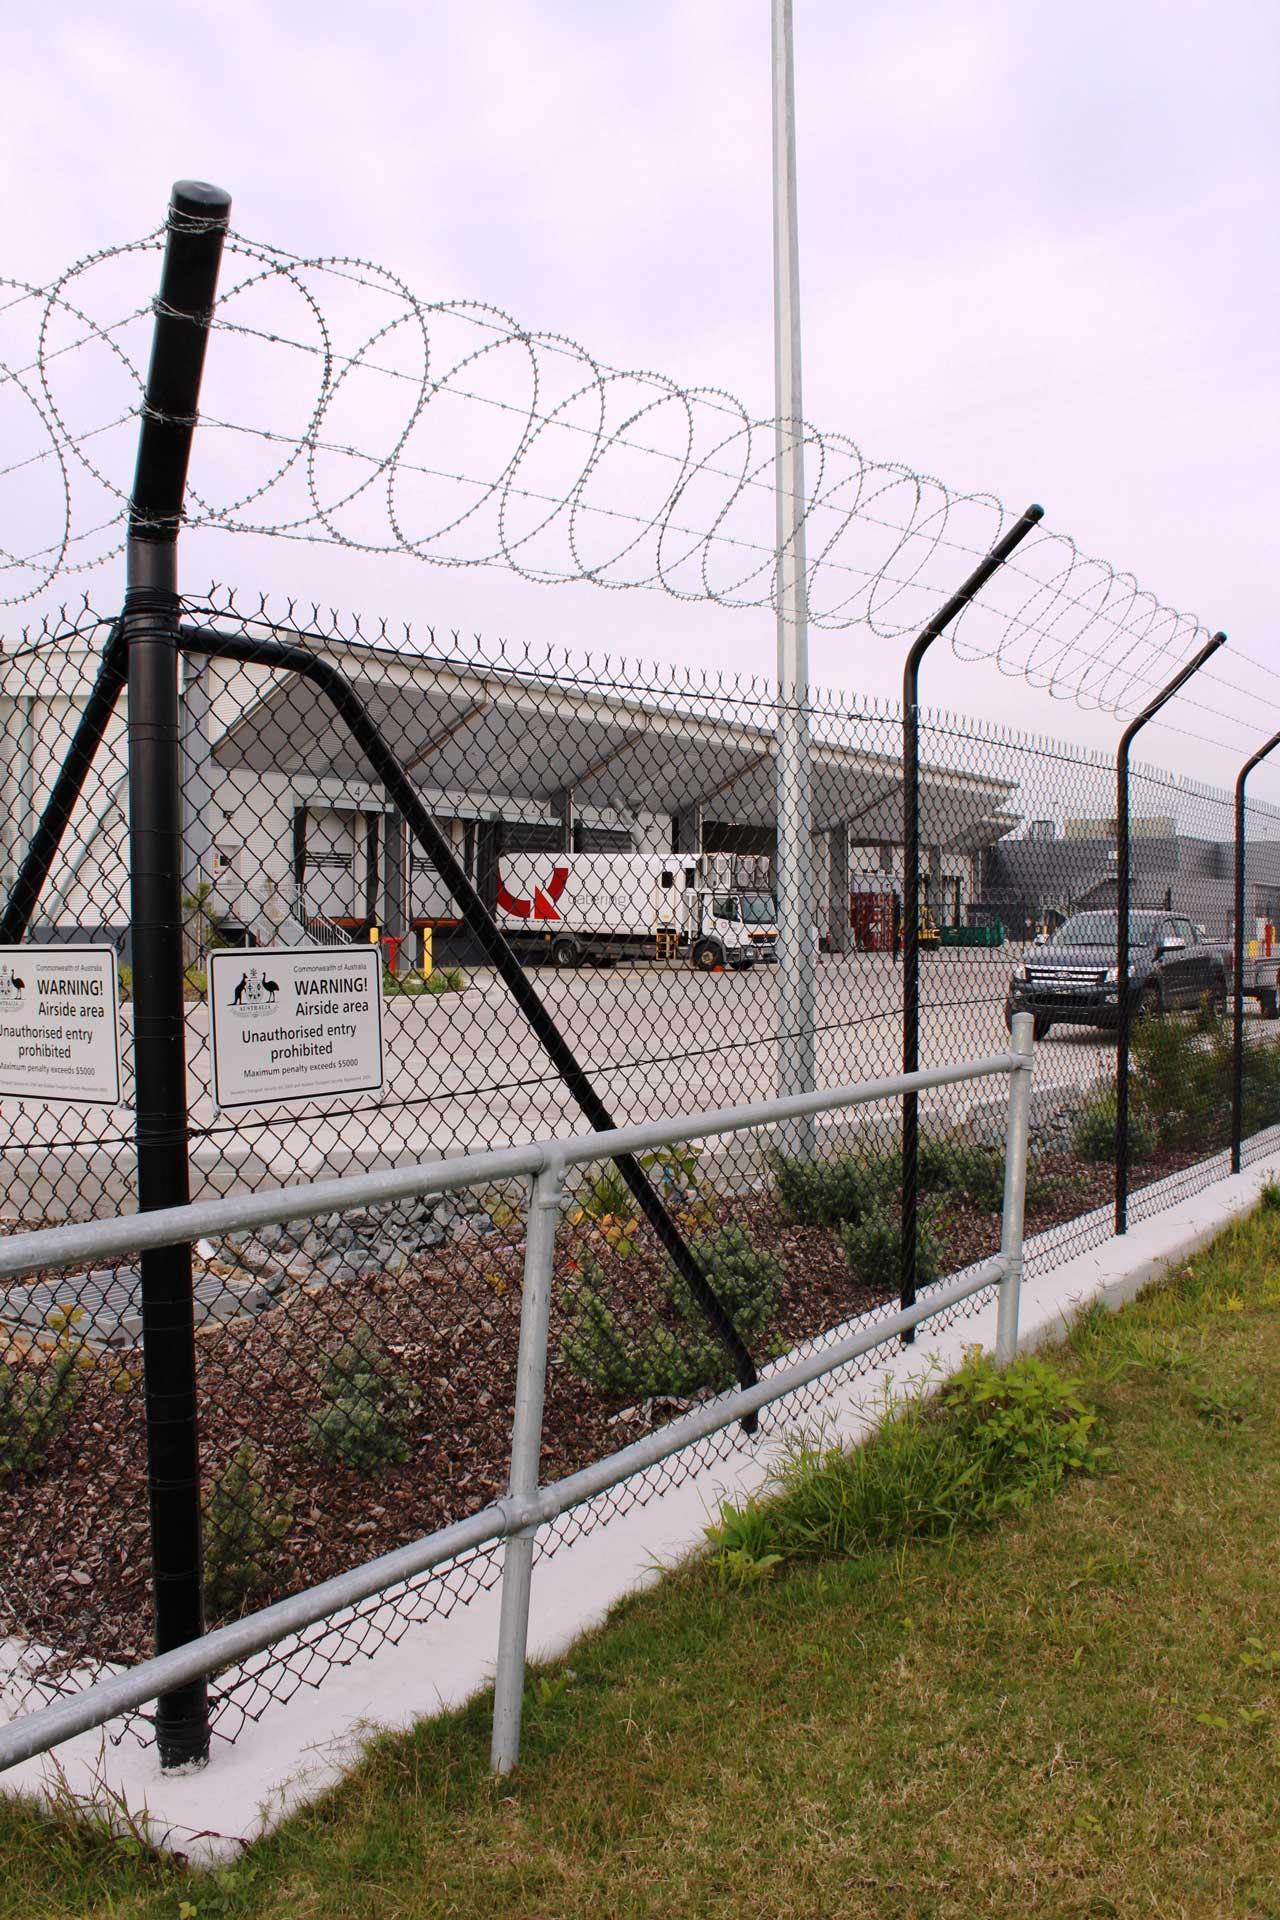 Security fencing